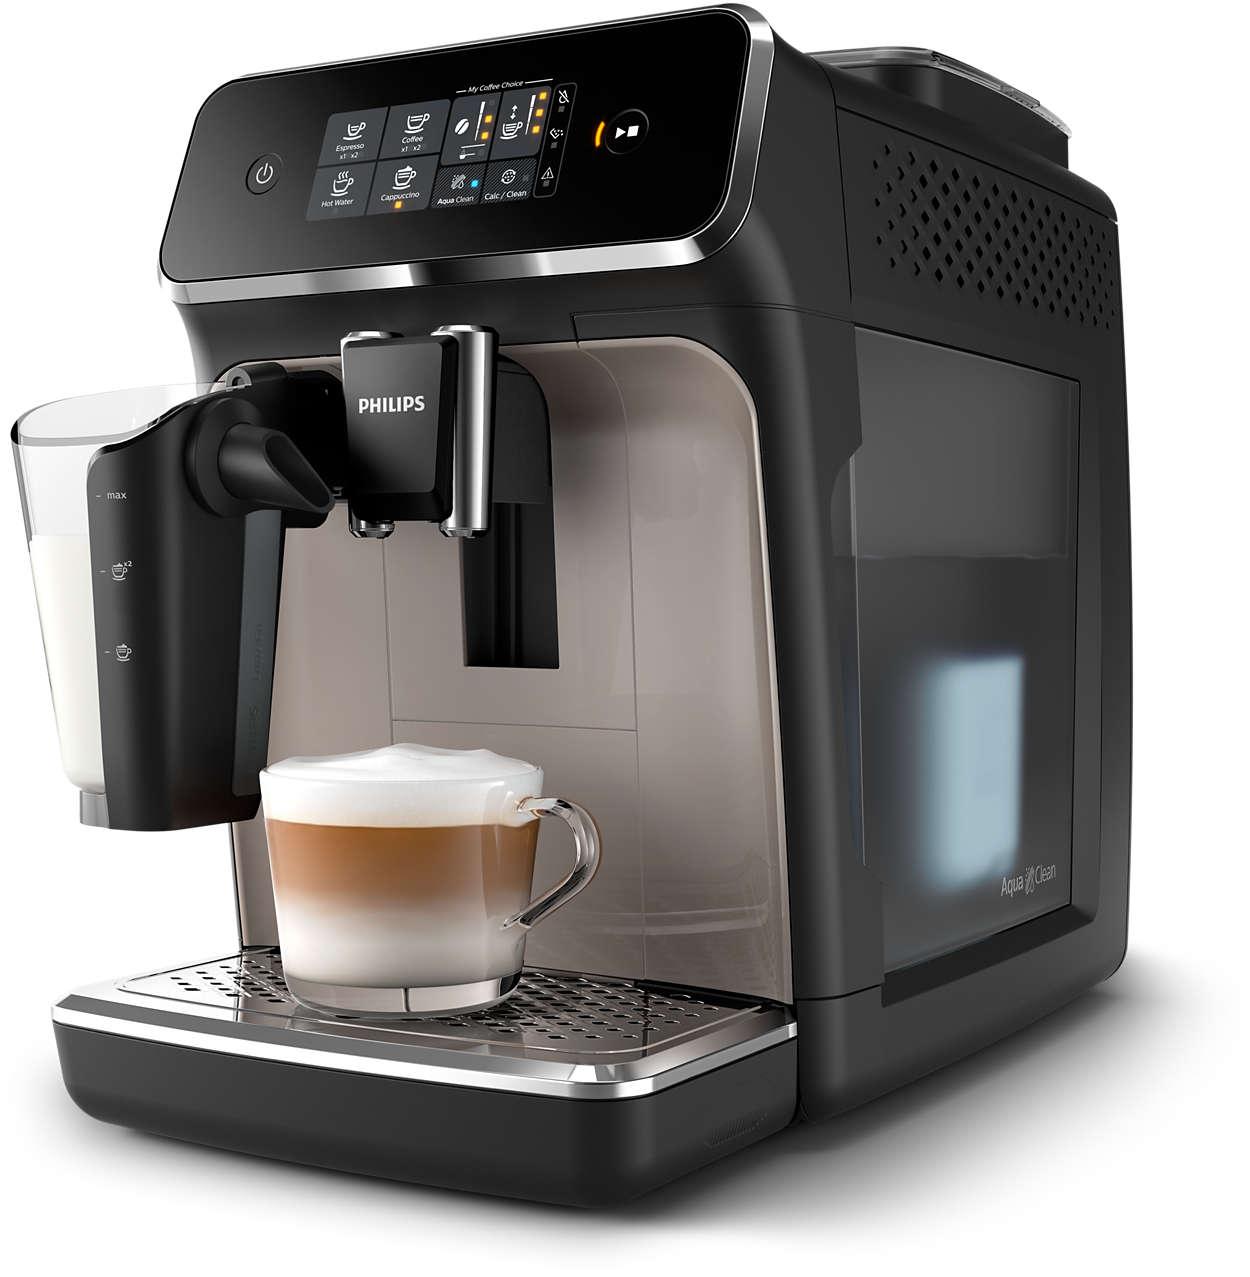 3 koppen koffie van verse bonen, nooit eerder zo eenvoudig